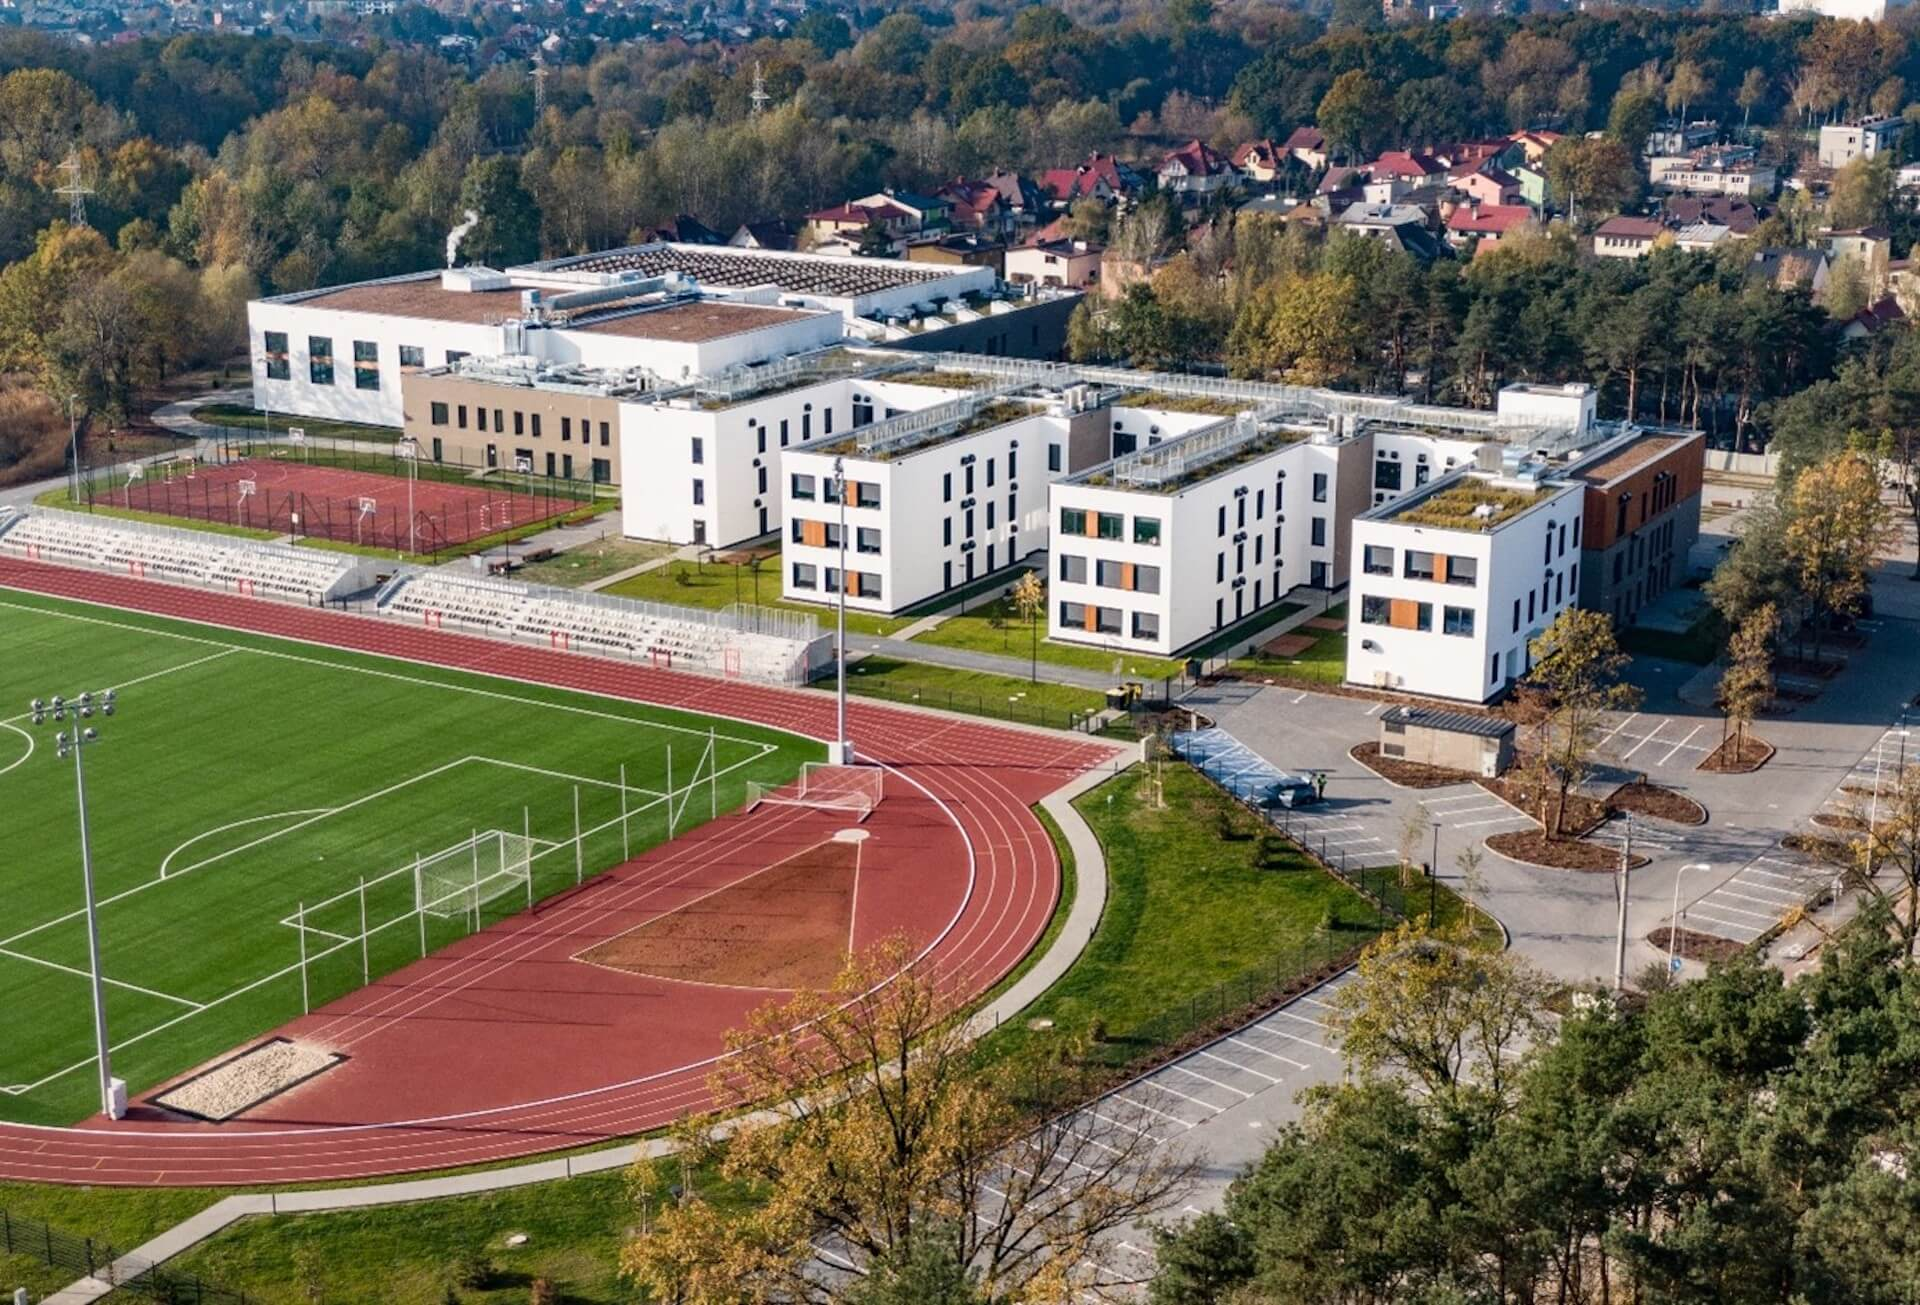 Widok z góry na Mareckie Centrum Edukacyjno-Rekreacyjne, parking i stadion piłkarski